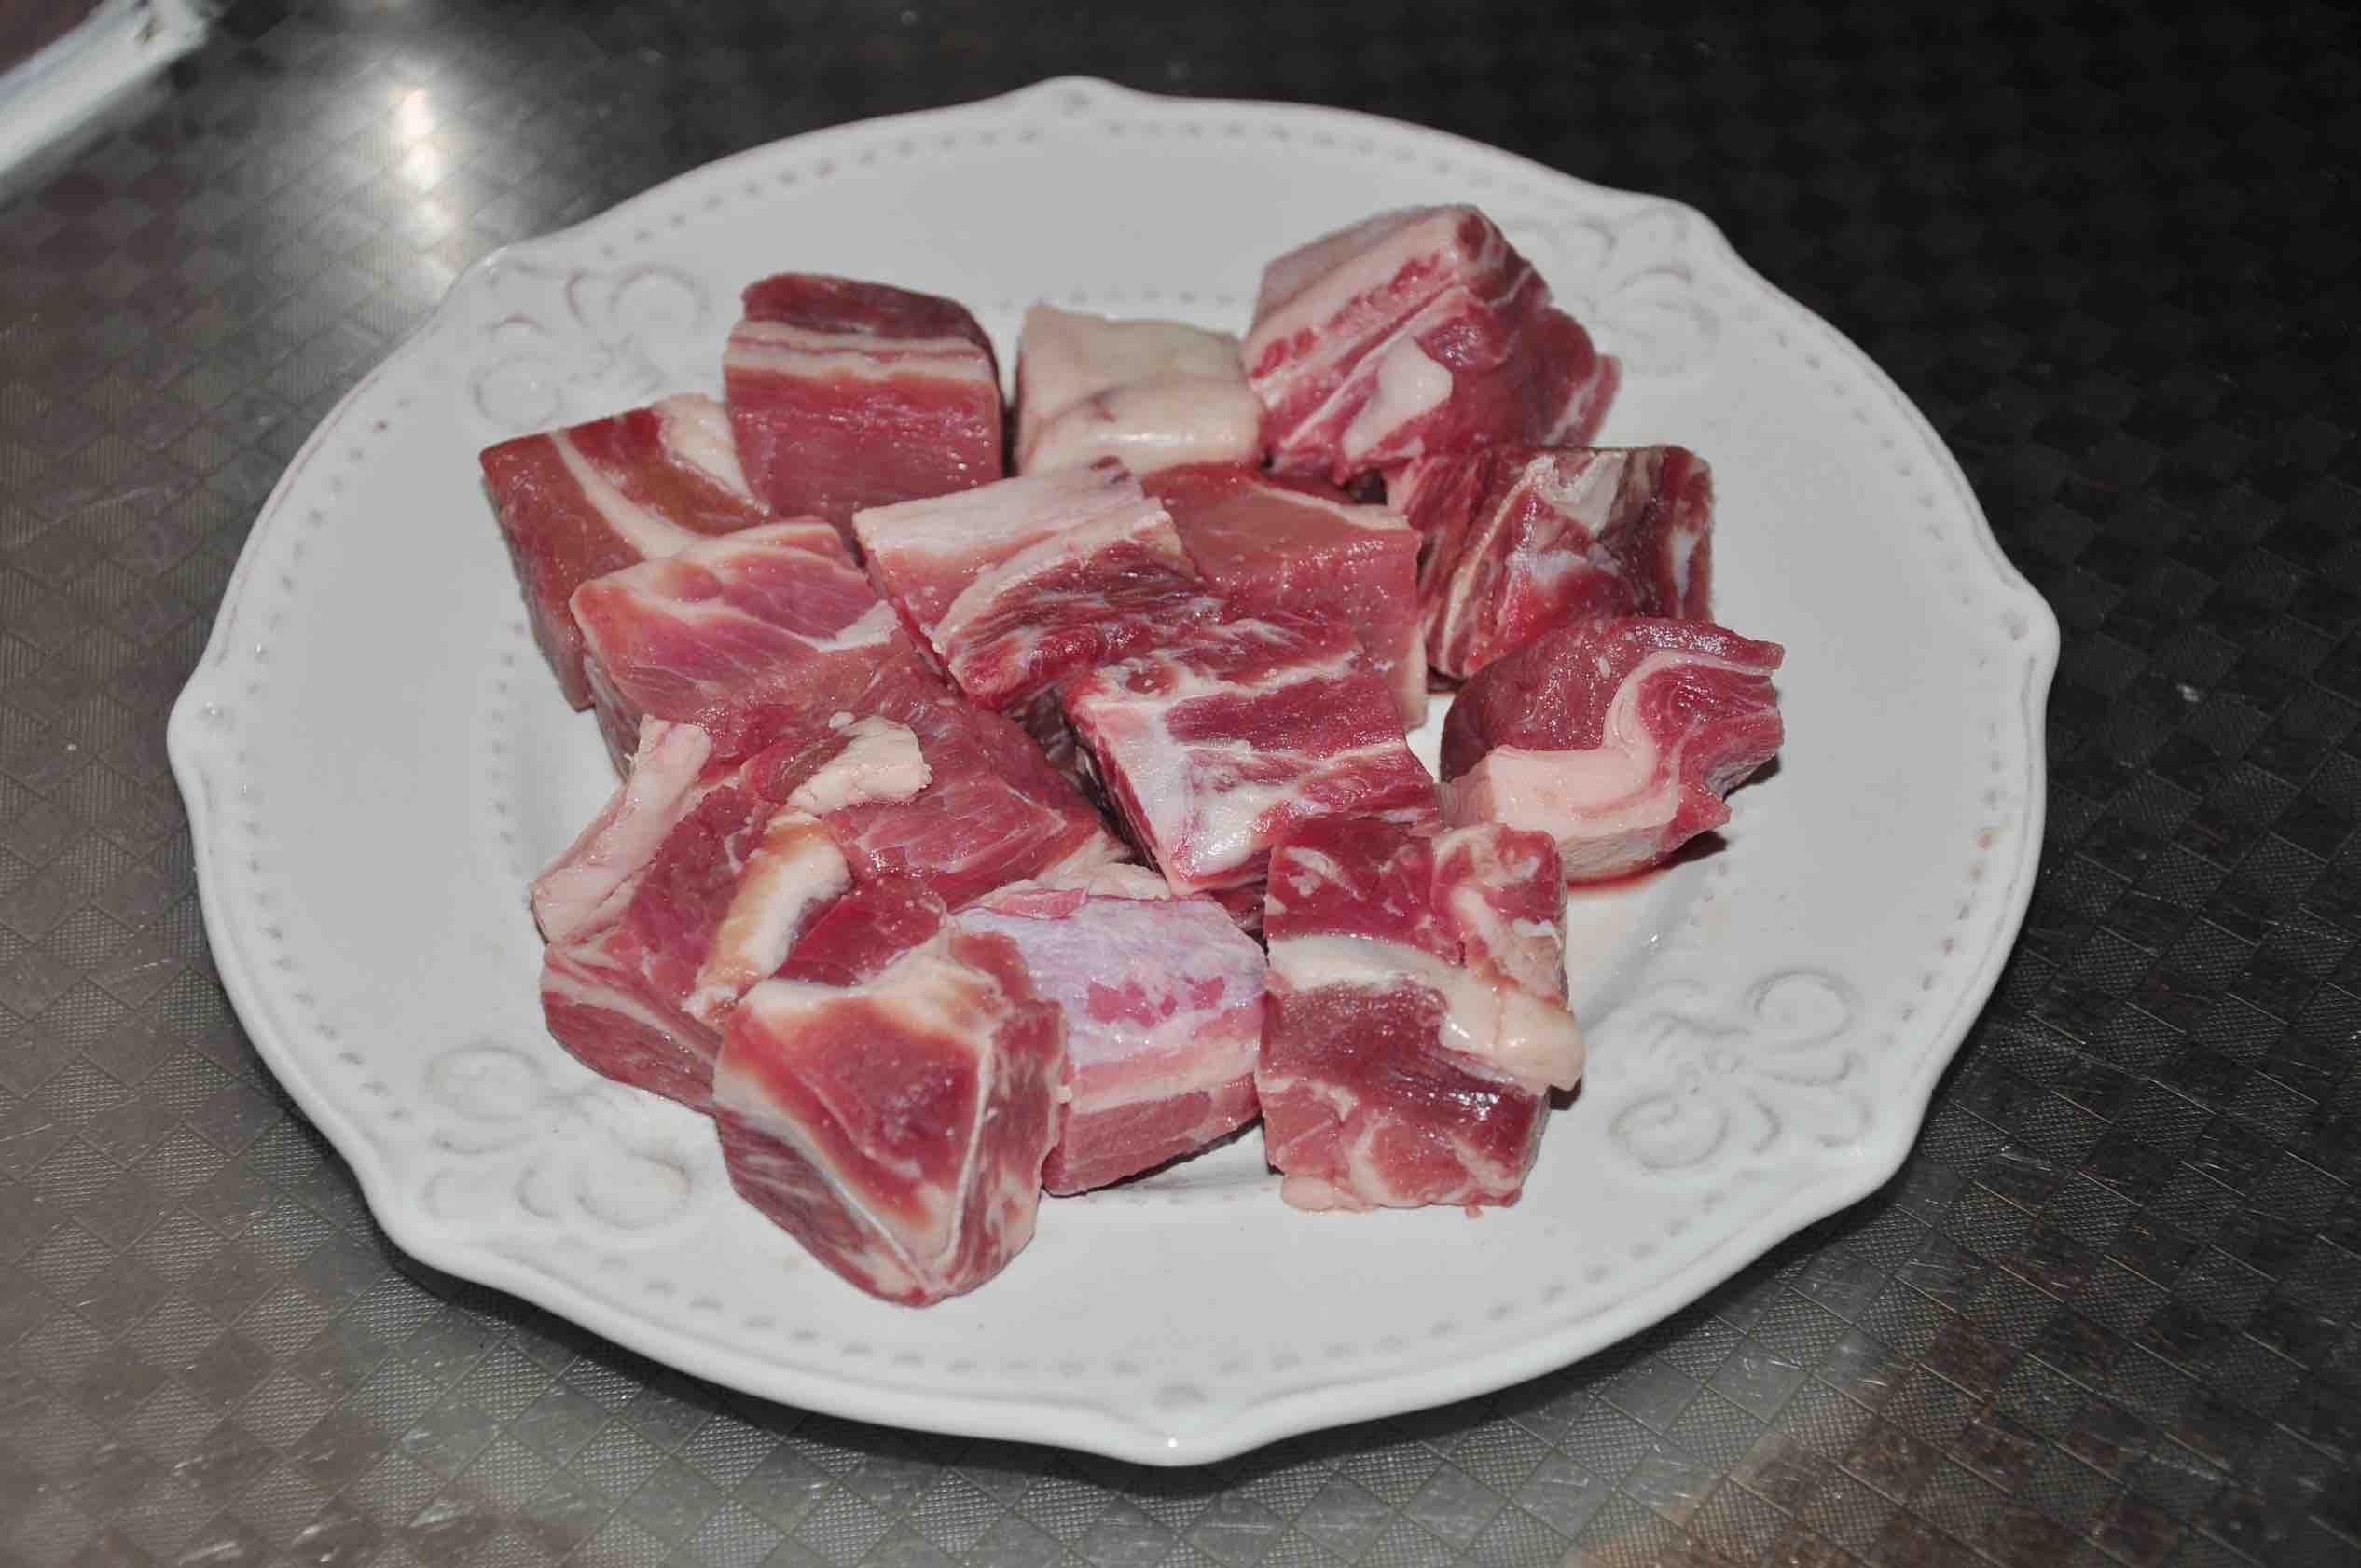 颜值和美味并存的红酒牛腩的家常做法